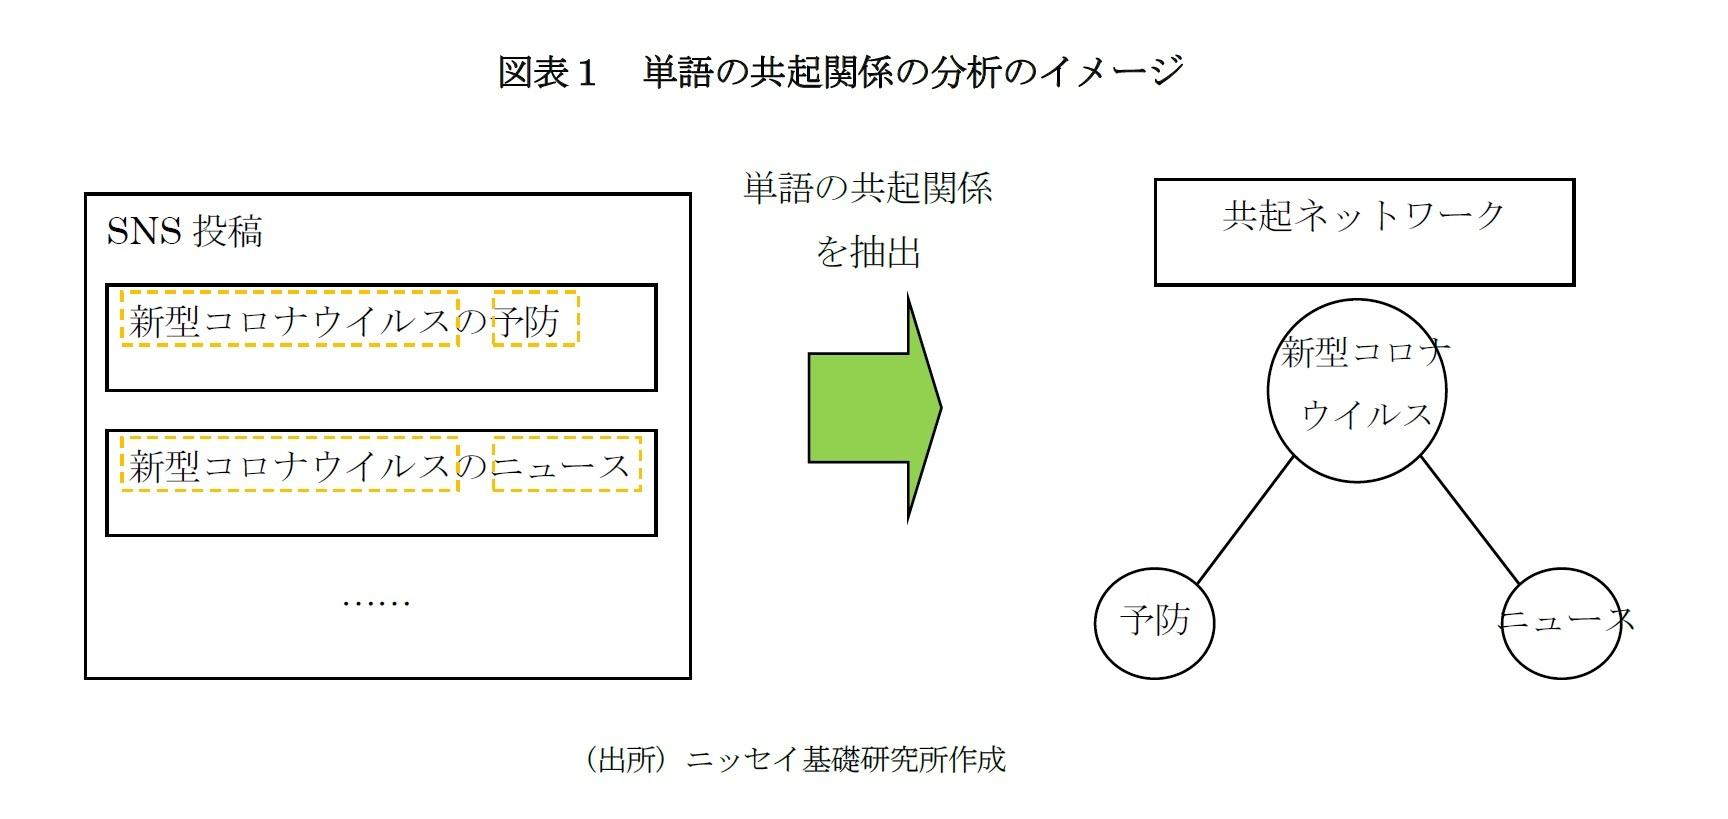 図表1 単語の共起関係の分析のイメージ